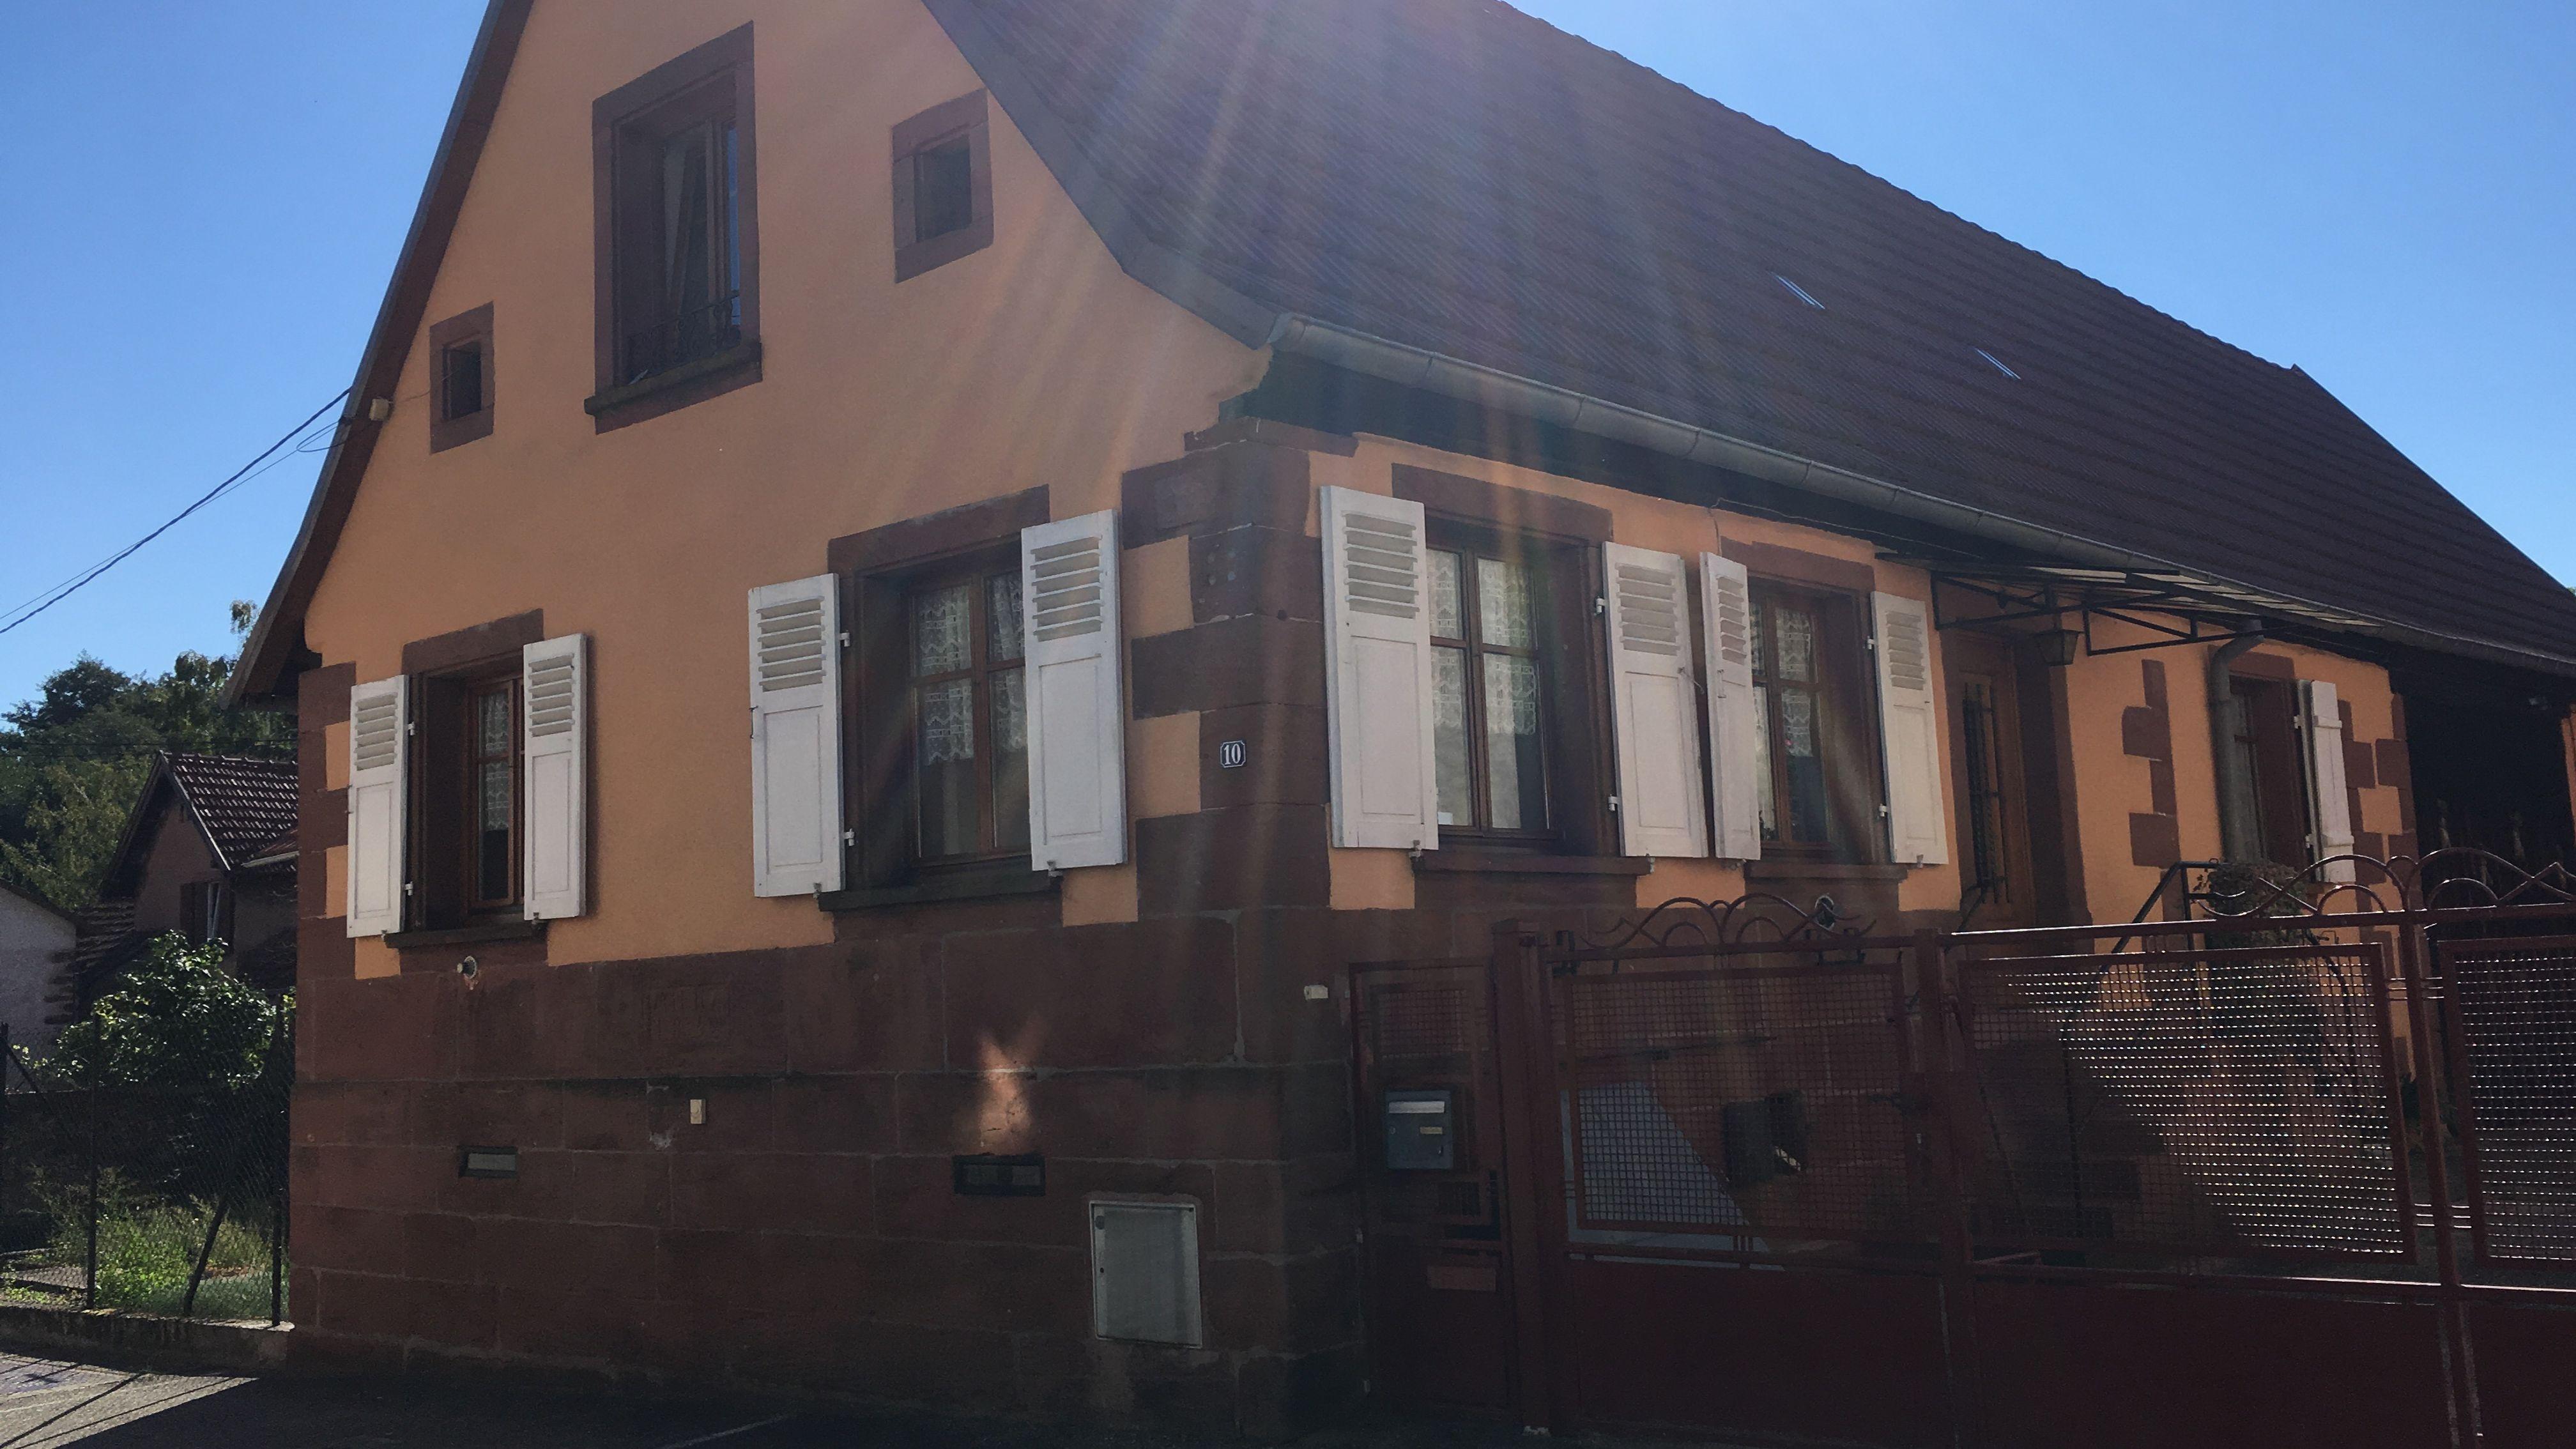 10 Rue de la Moder